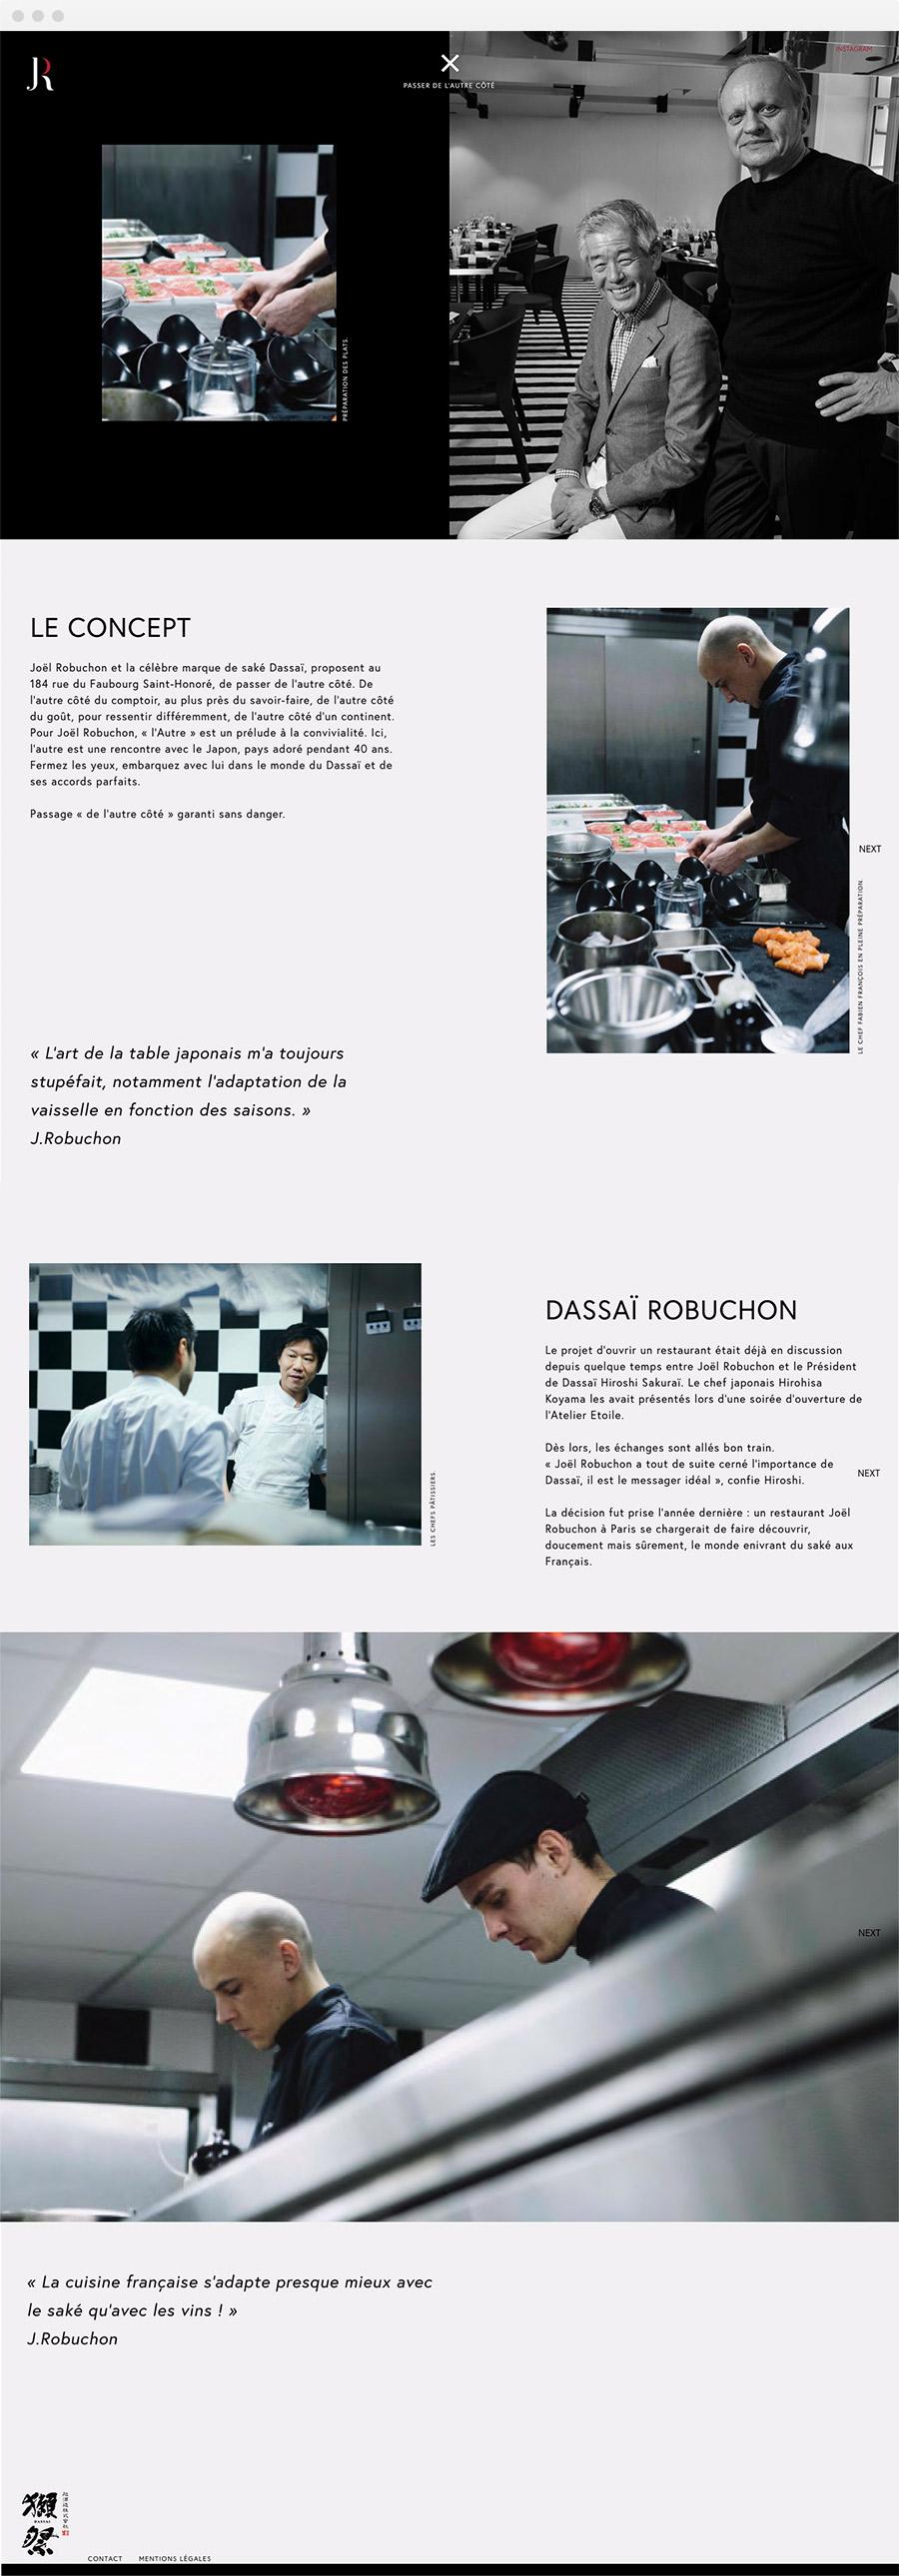 dassai-robuchon-02